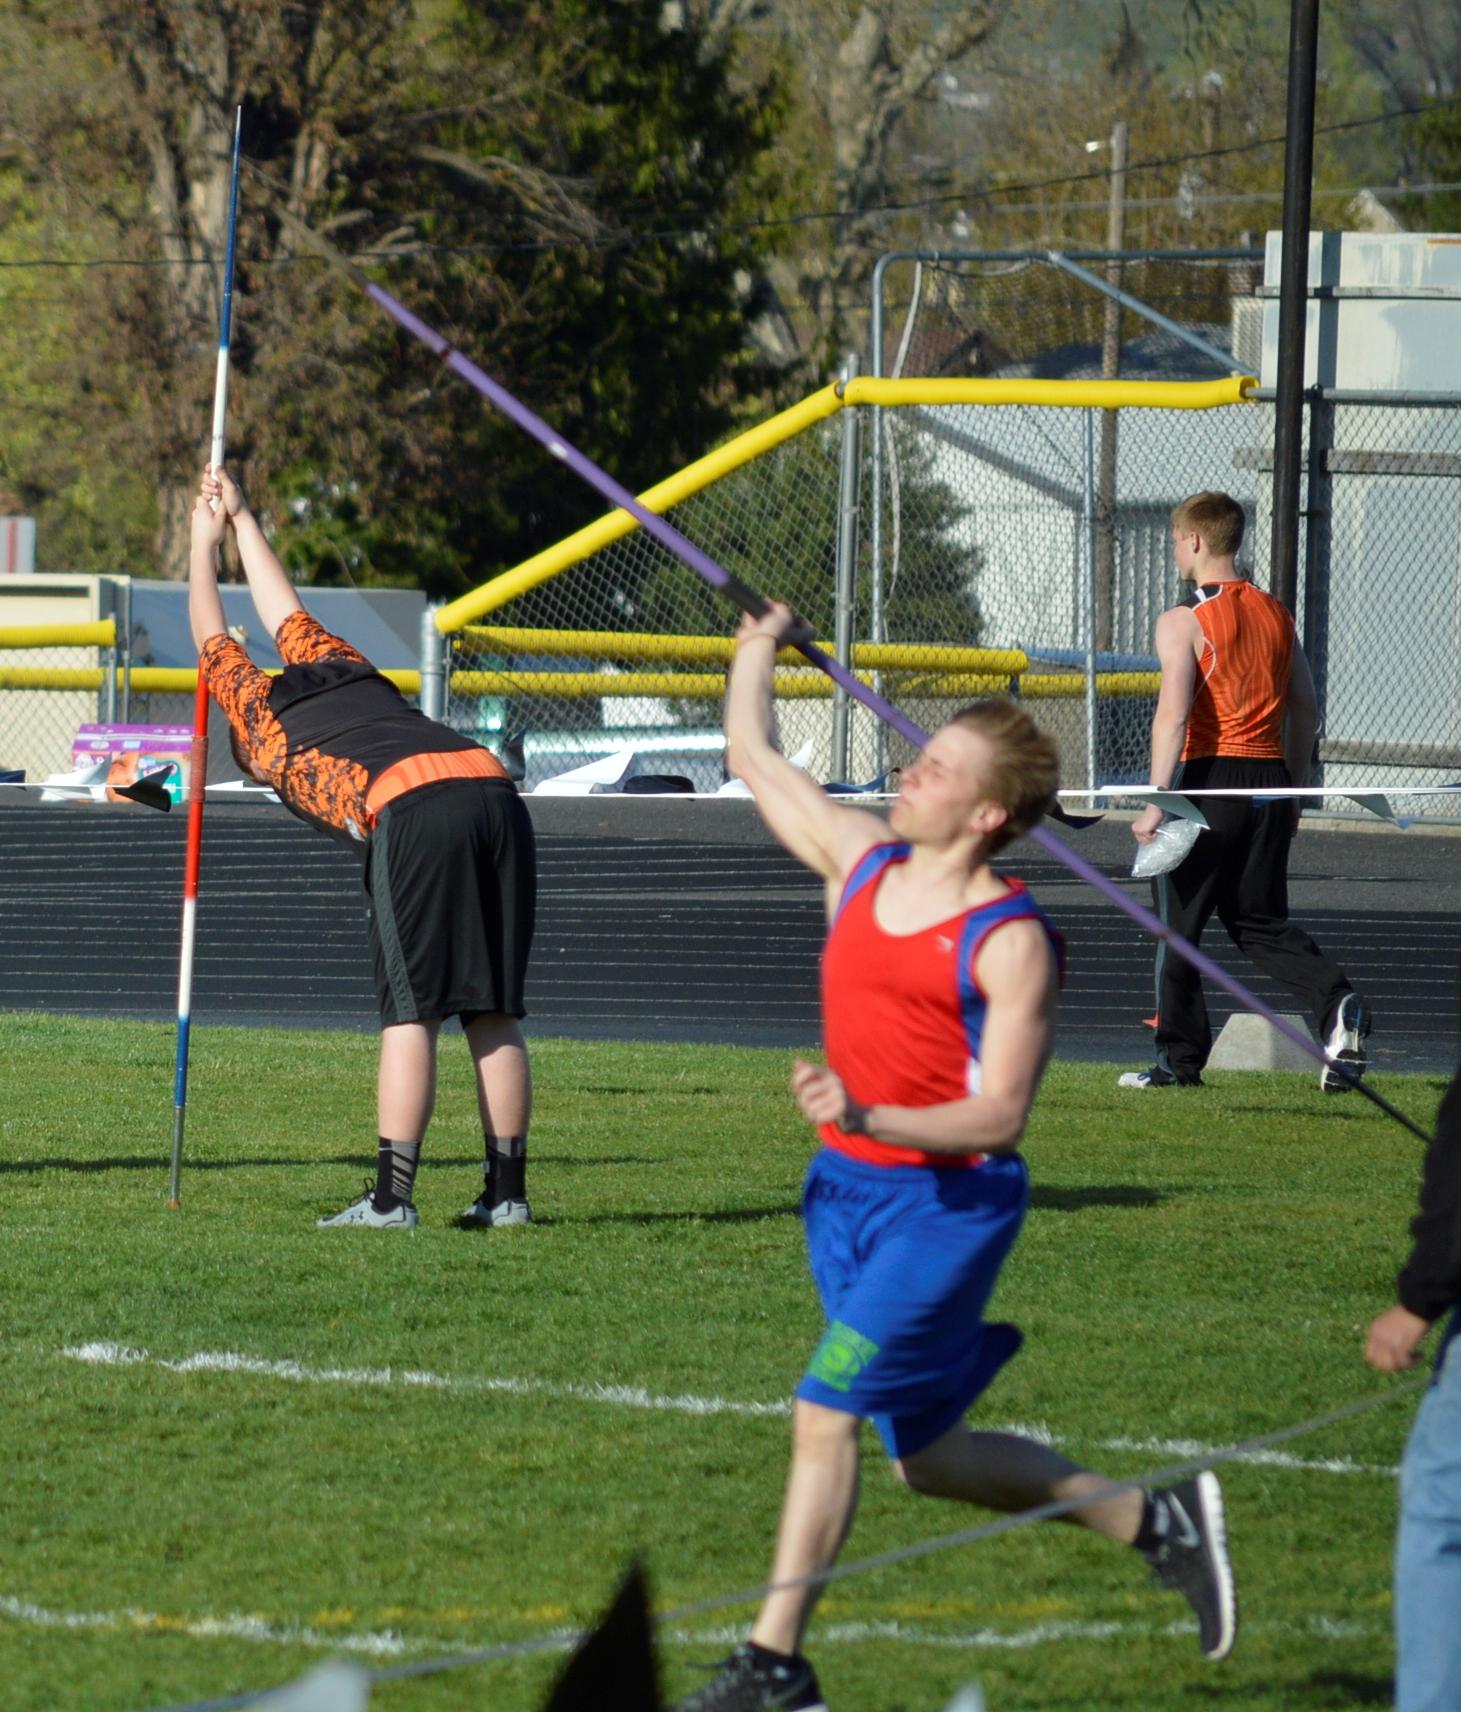 Javelin Thrower from St. John-Endicott